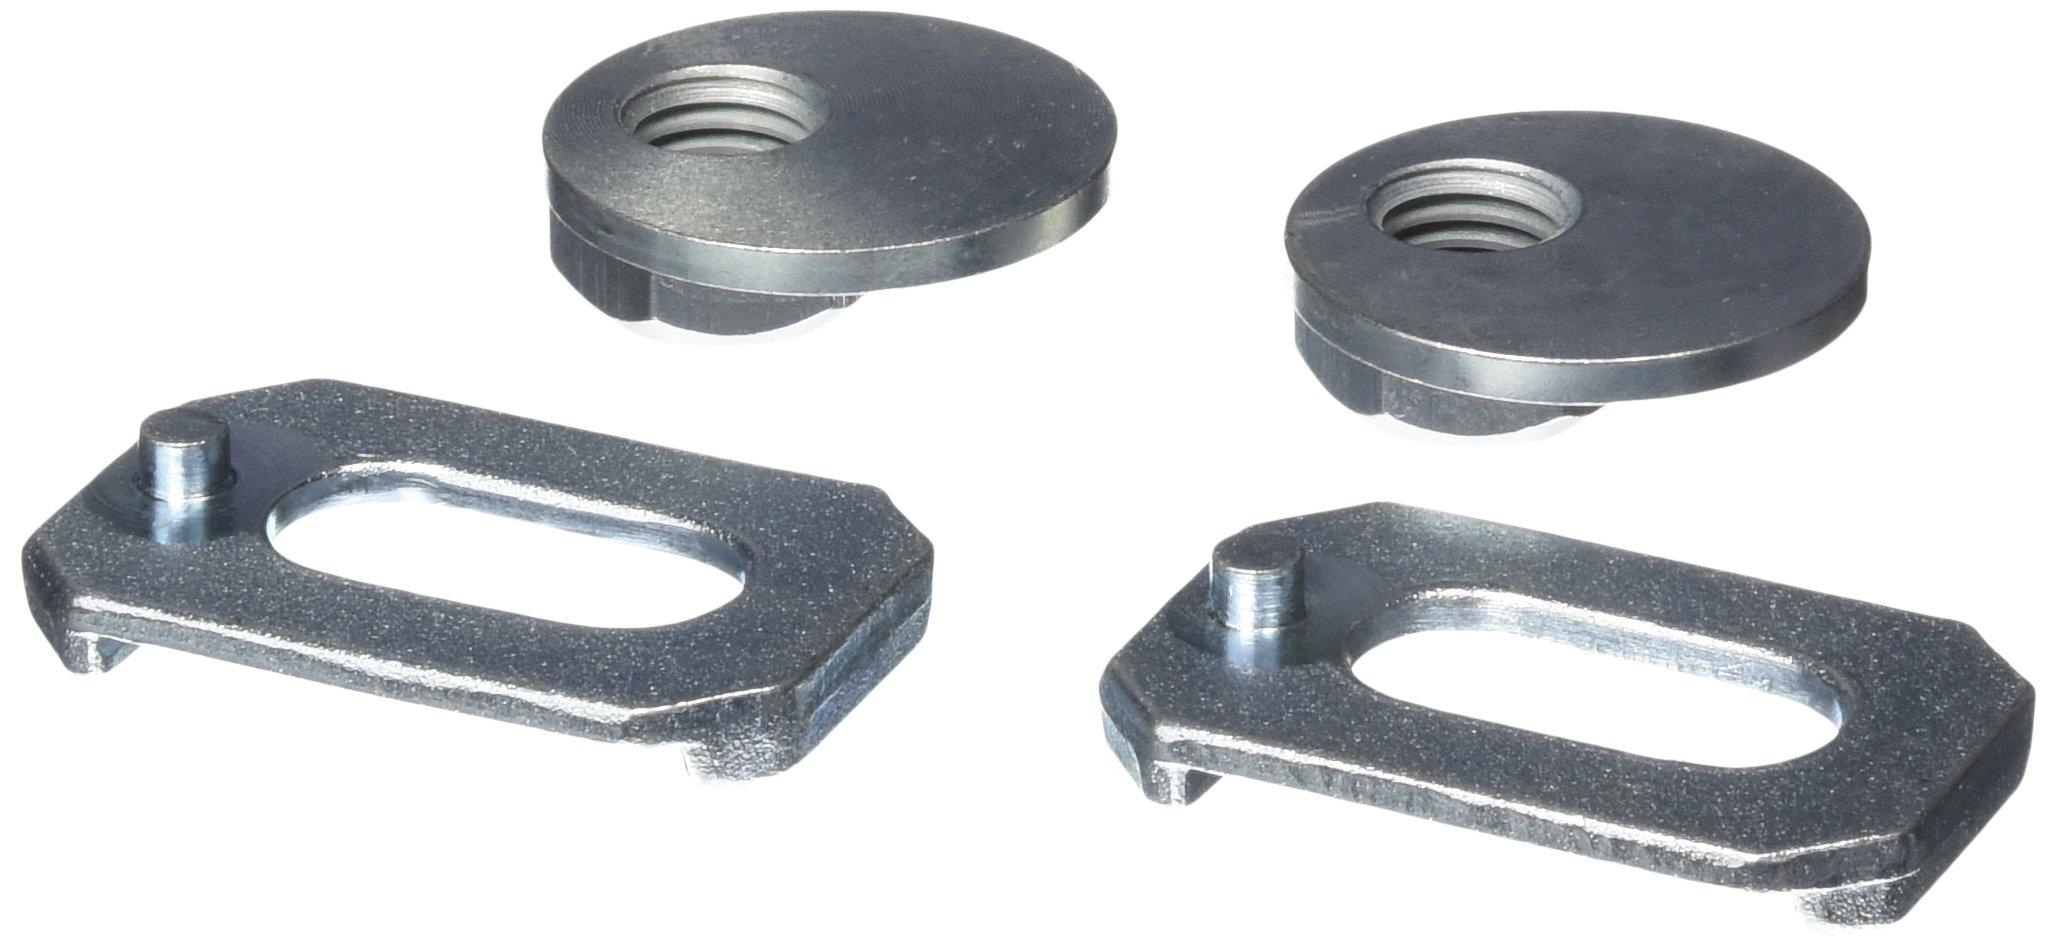 Moog K100025 Caster/Camber Adjusting Kit